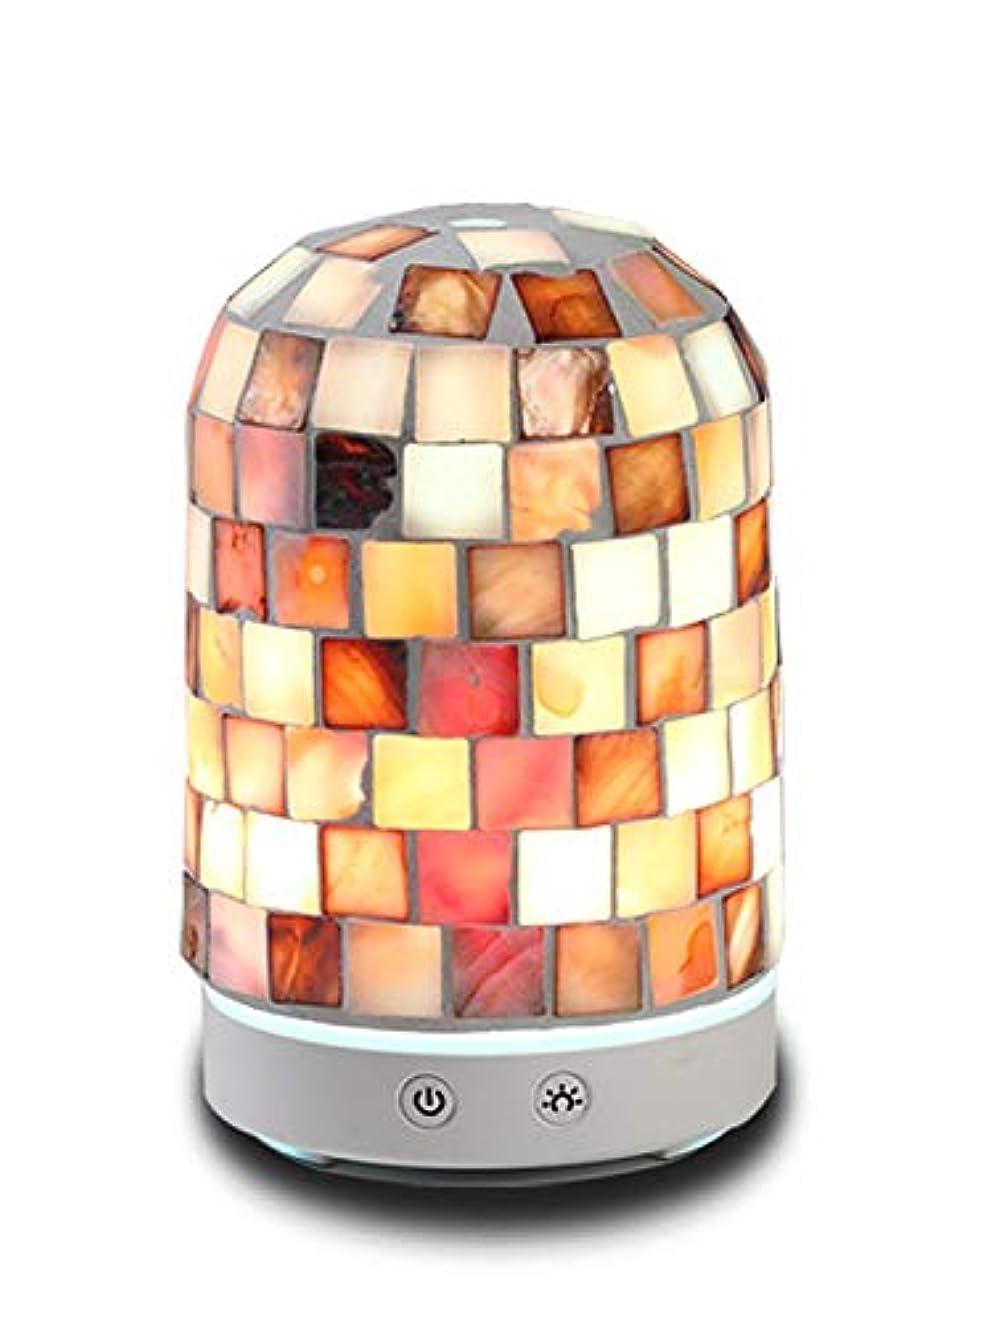 降伏突き出すに対してAAアロマセラピーアロマエッセンシャルオイルディフューザー加湿器120 ml Dreamカラーガラス14-color LEDライトミュート自動ライトChangingアロマセラピーマシン加湿器 Diameter: 9cm;...